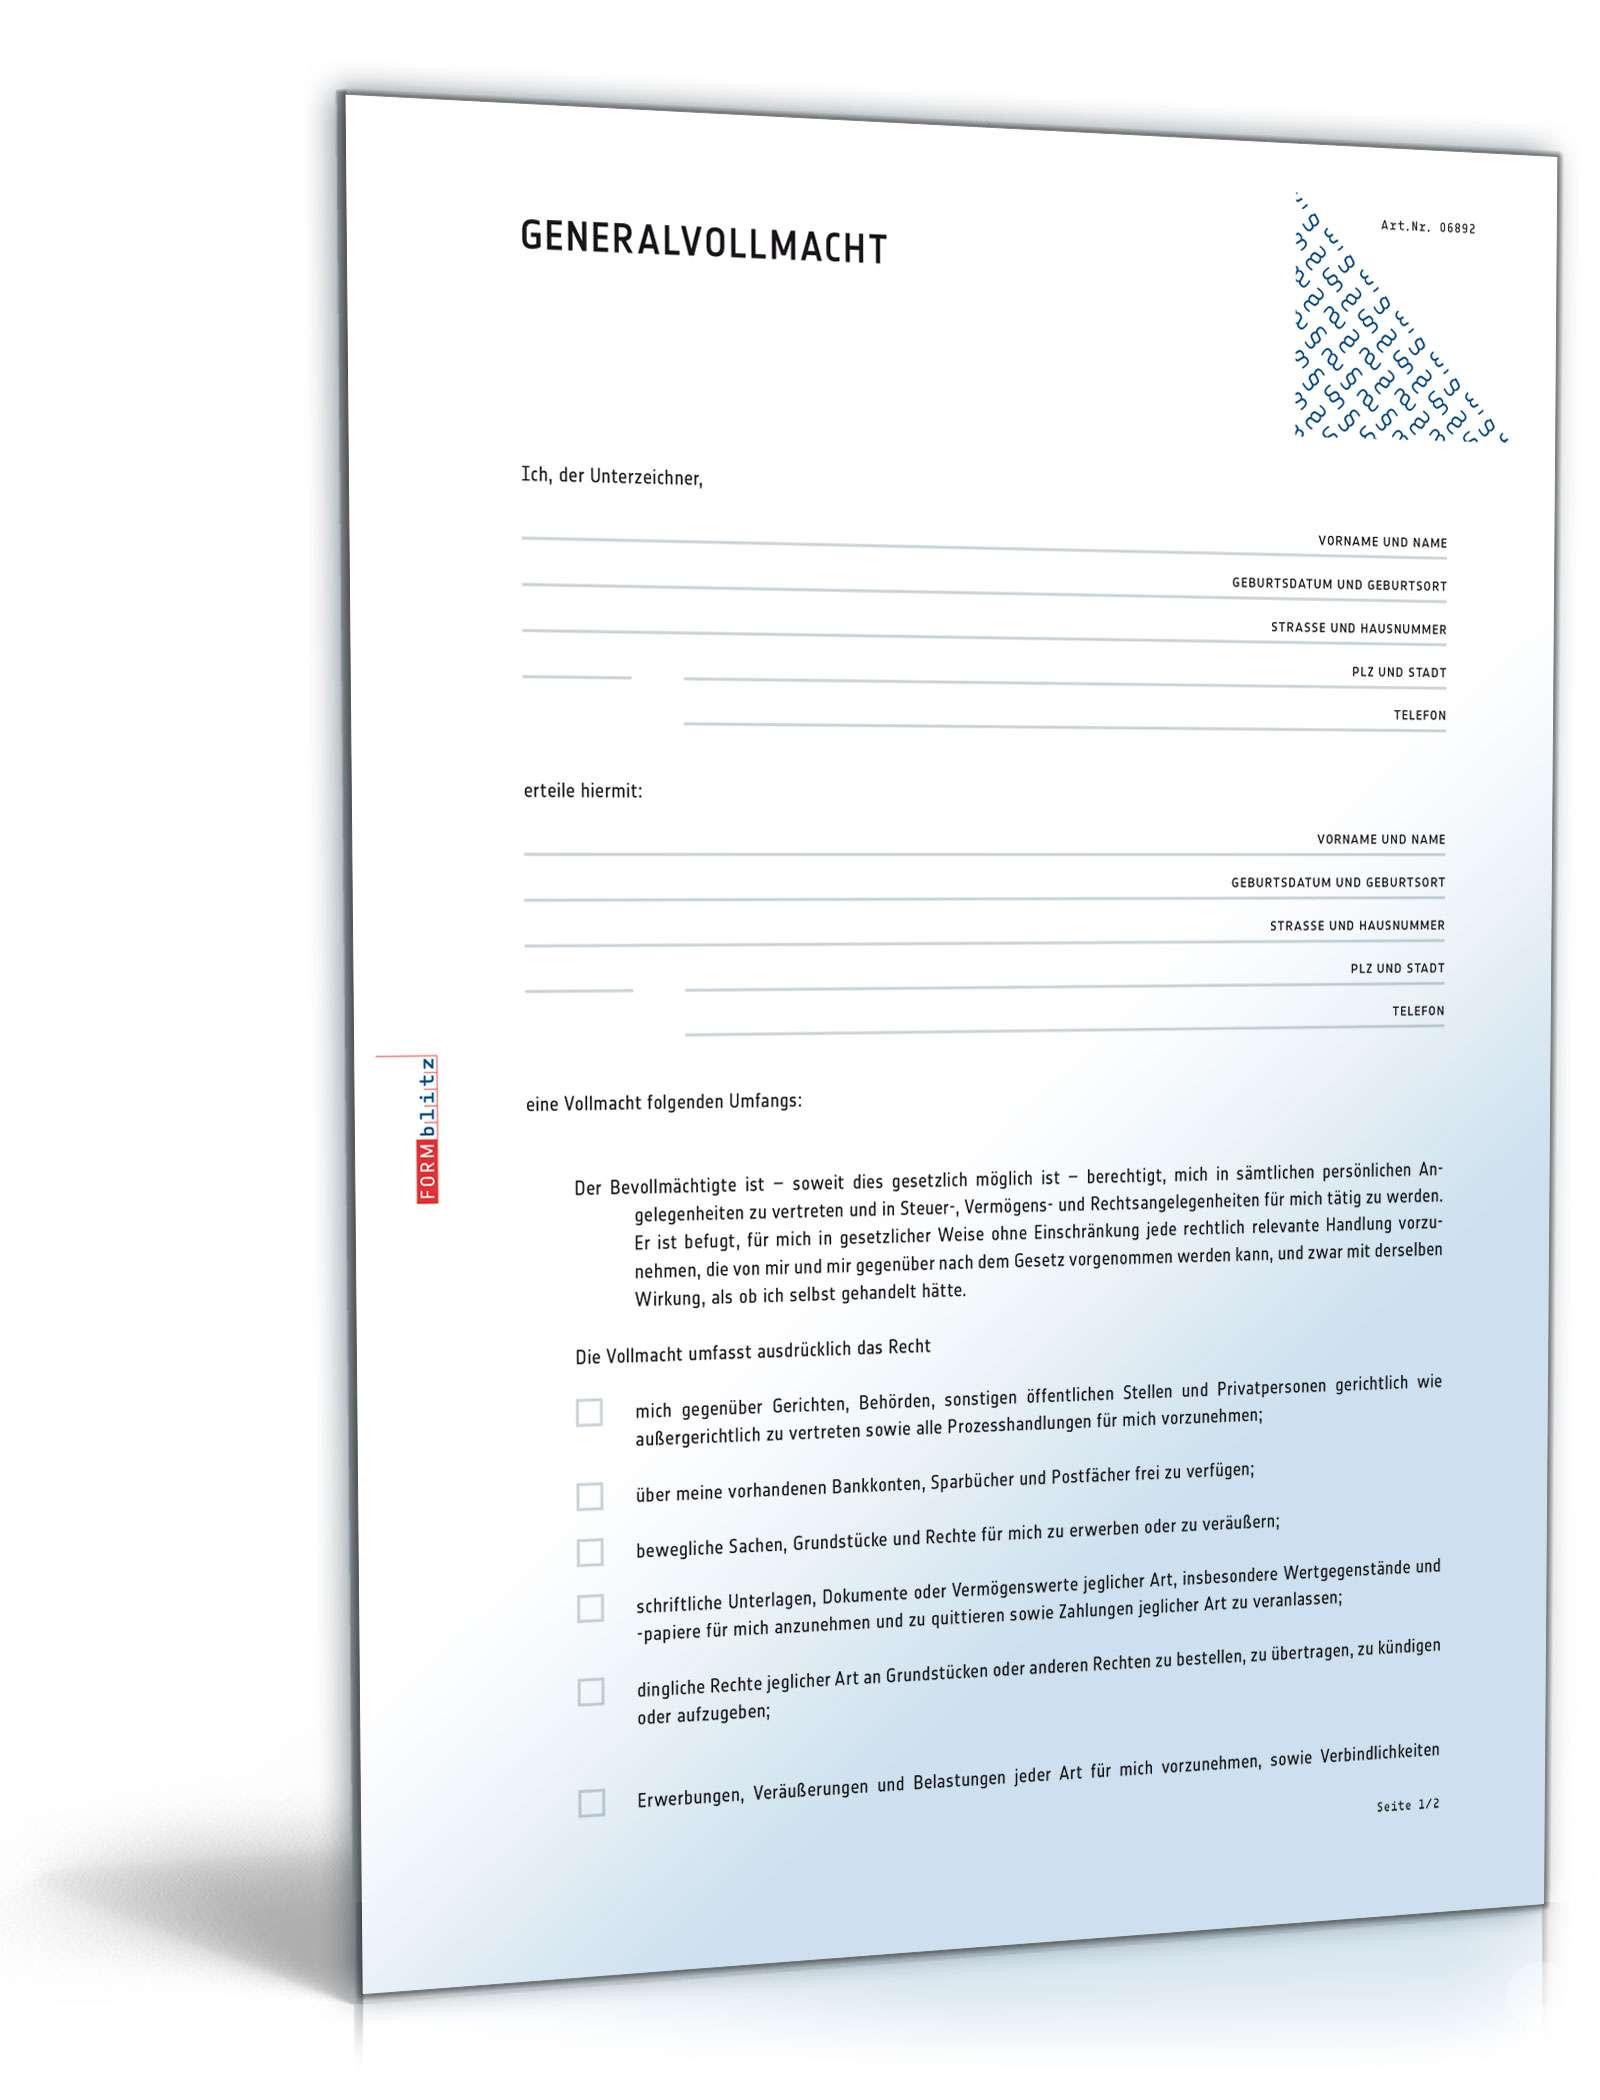 Generalvollmacht Muster Vorlage Zum Download